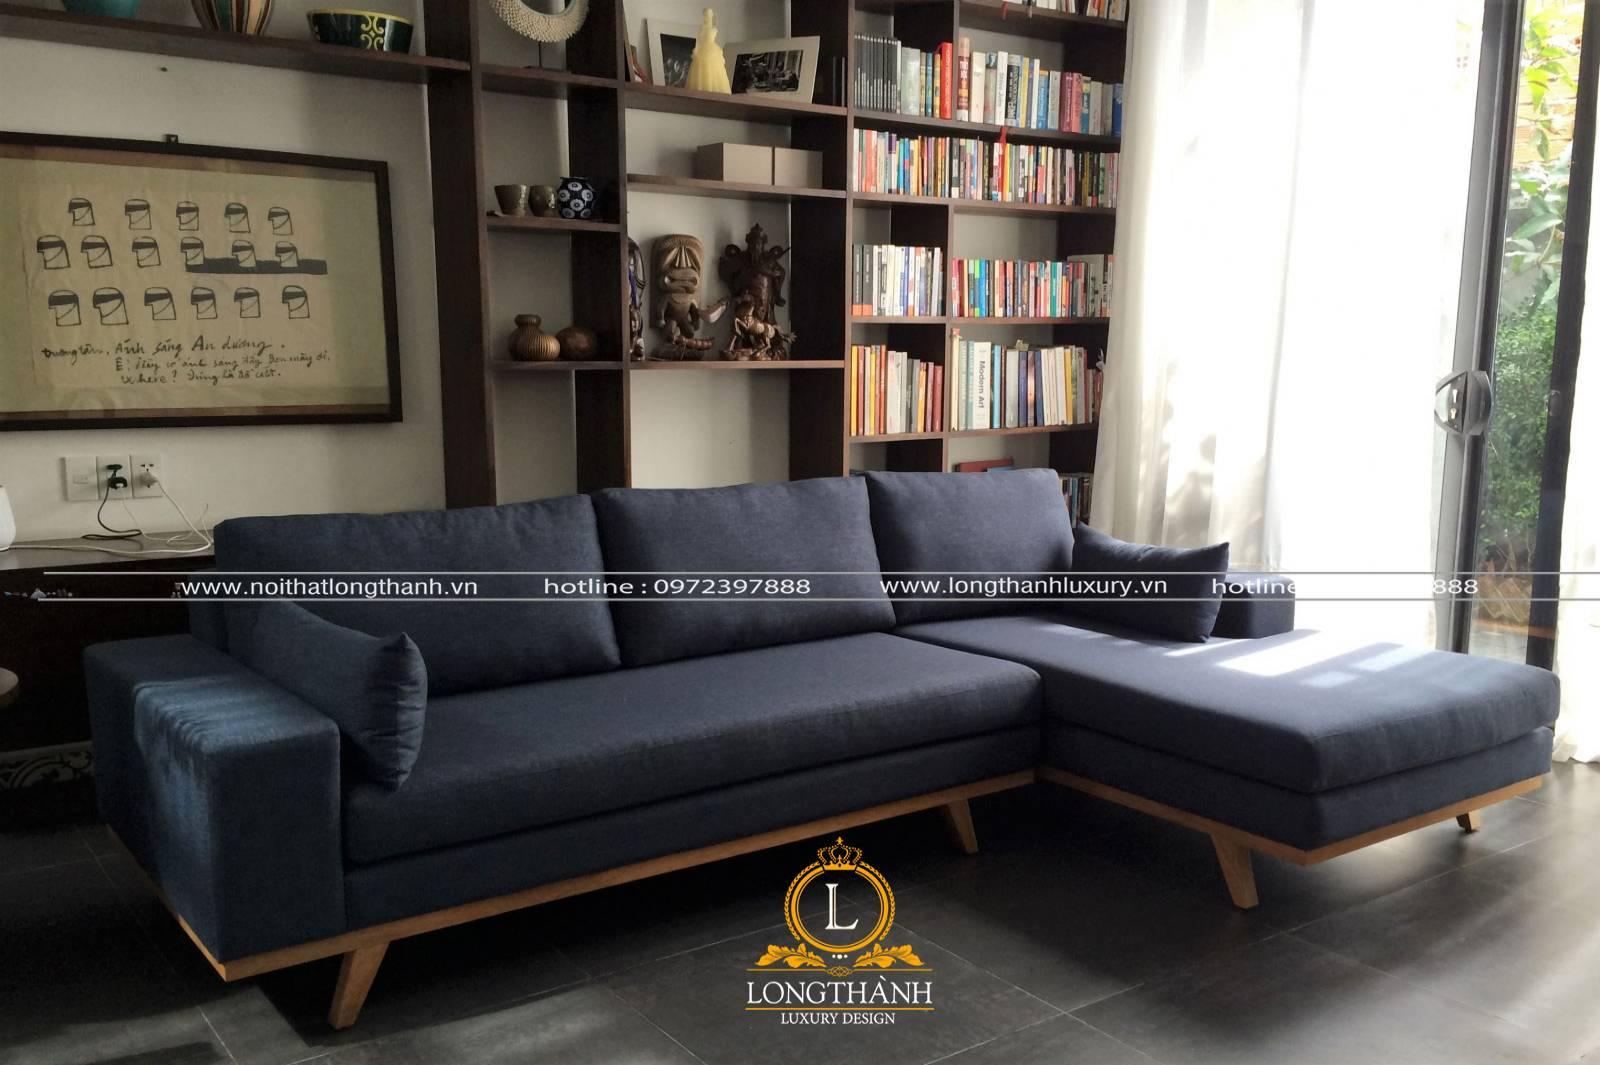 Sofa chữ l theo thiết kế tân cổ điển nhỏ gọn cho chung cư